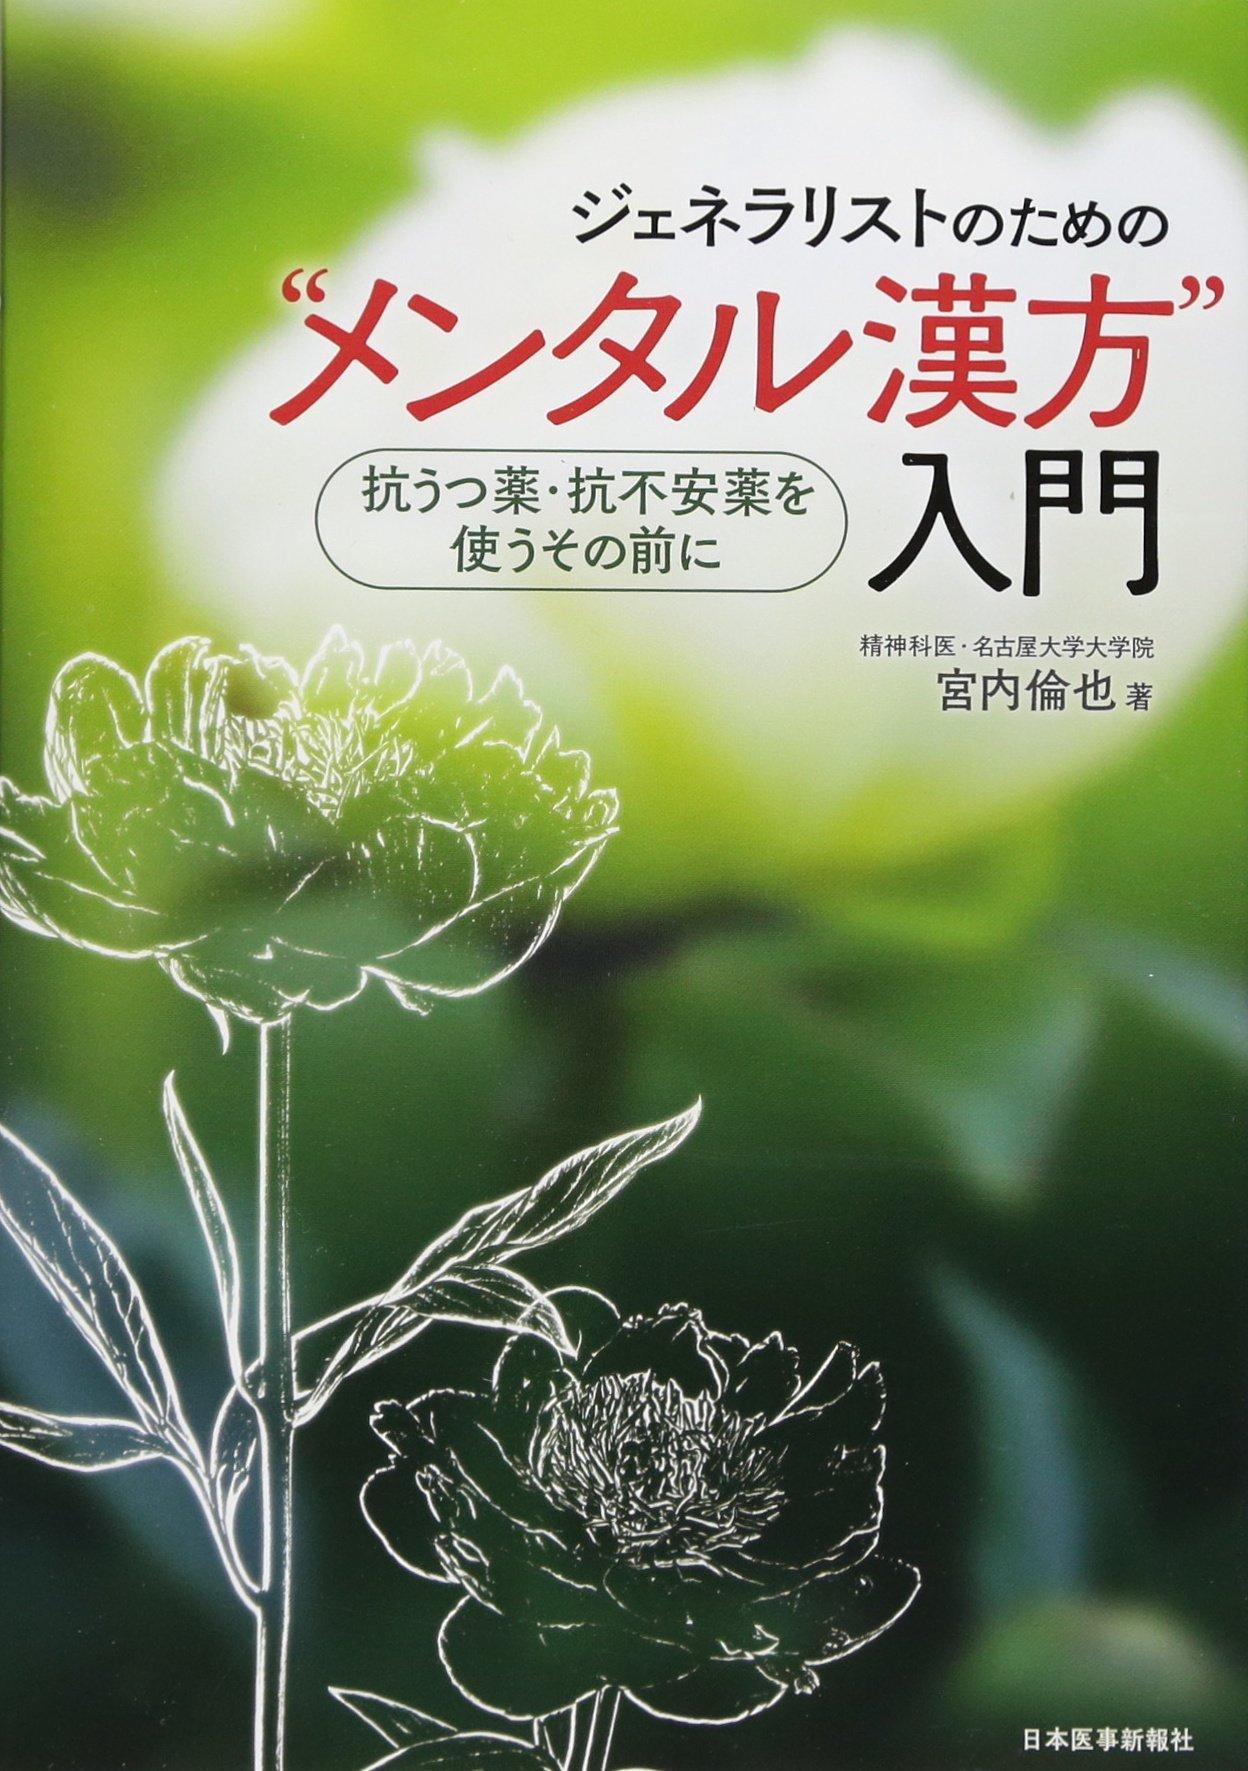 Download Jenerarisuto no tame no mentaru kanpo nyumon : Koutsuyaku kofuan'yaku o tsukau sono mae ni. pdf